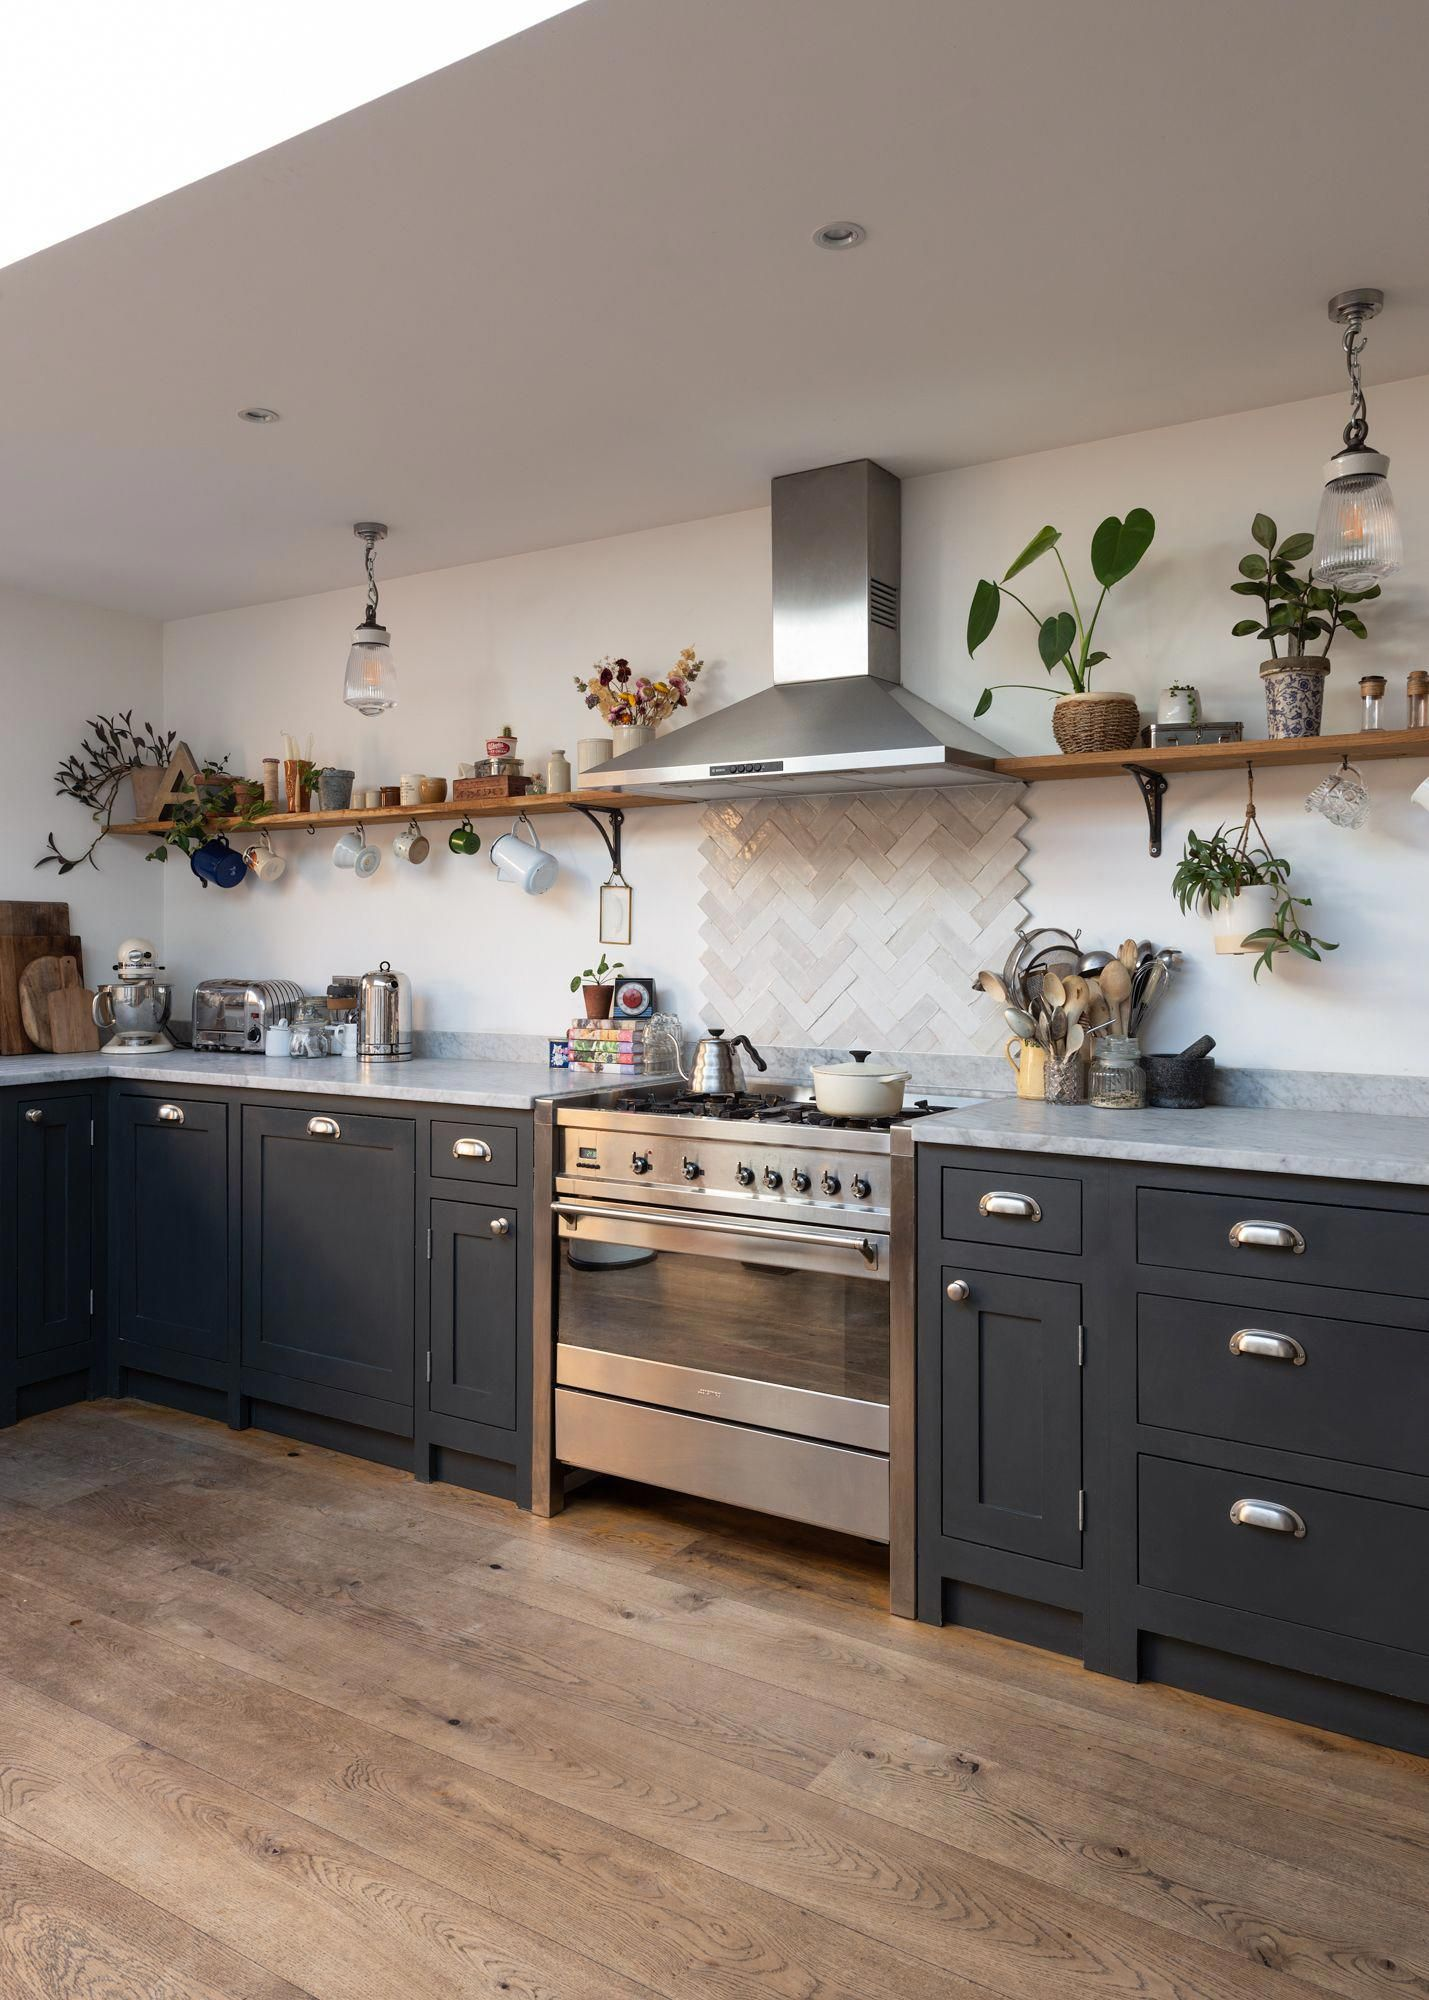 furniture dolly furnituresandiego in 2020 interior design kitchen shaker style kitchens on kitchen decor grey cabinets id=54483